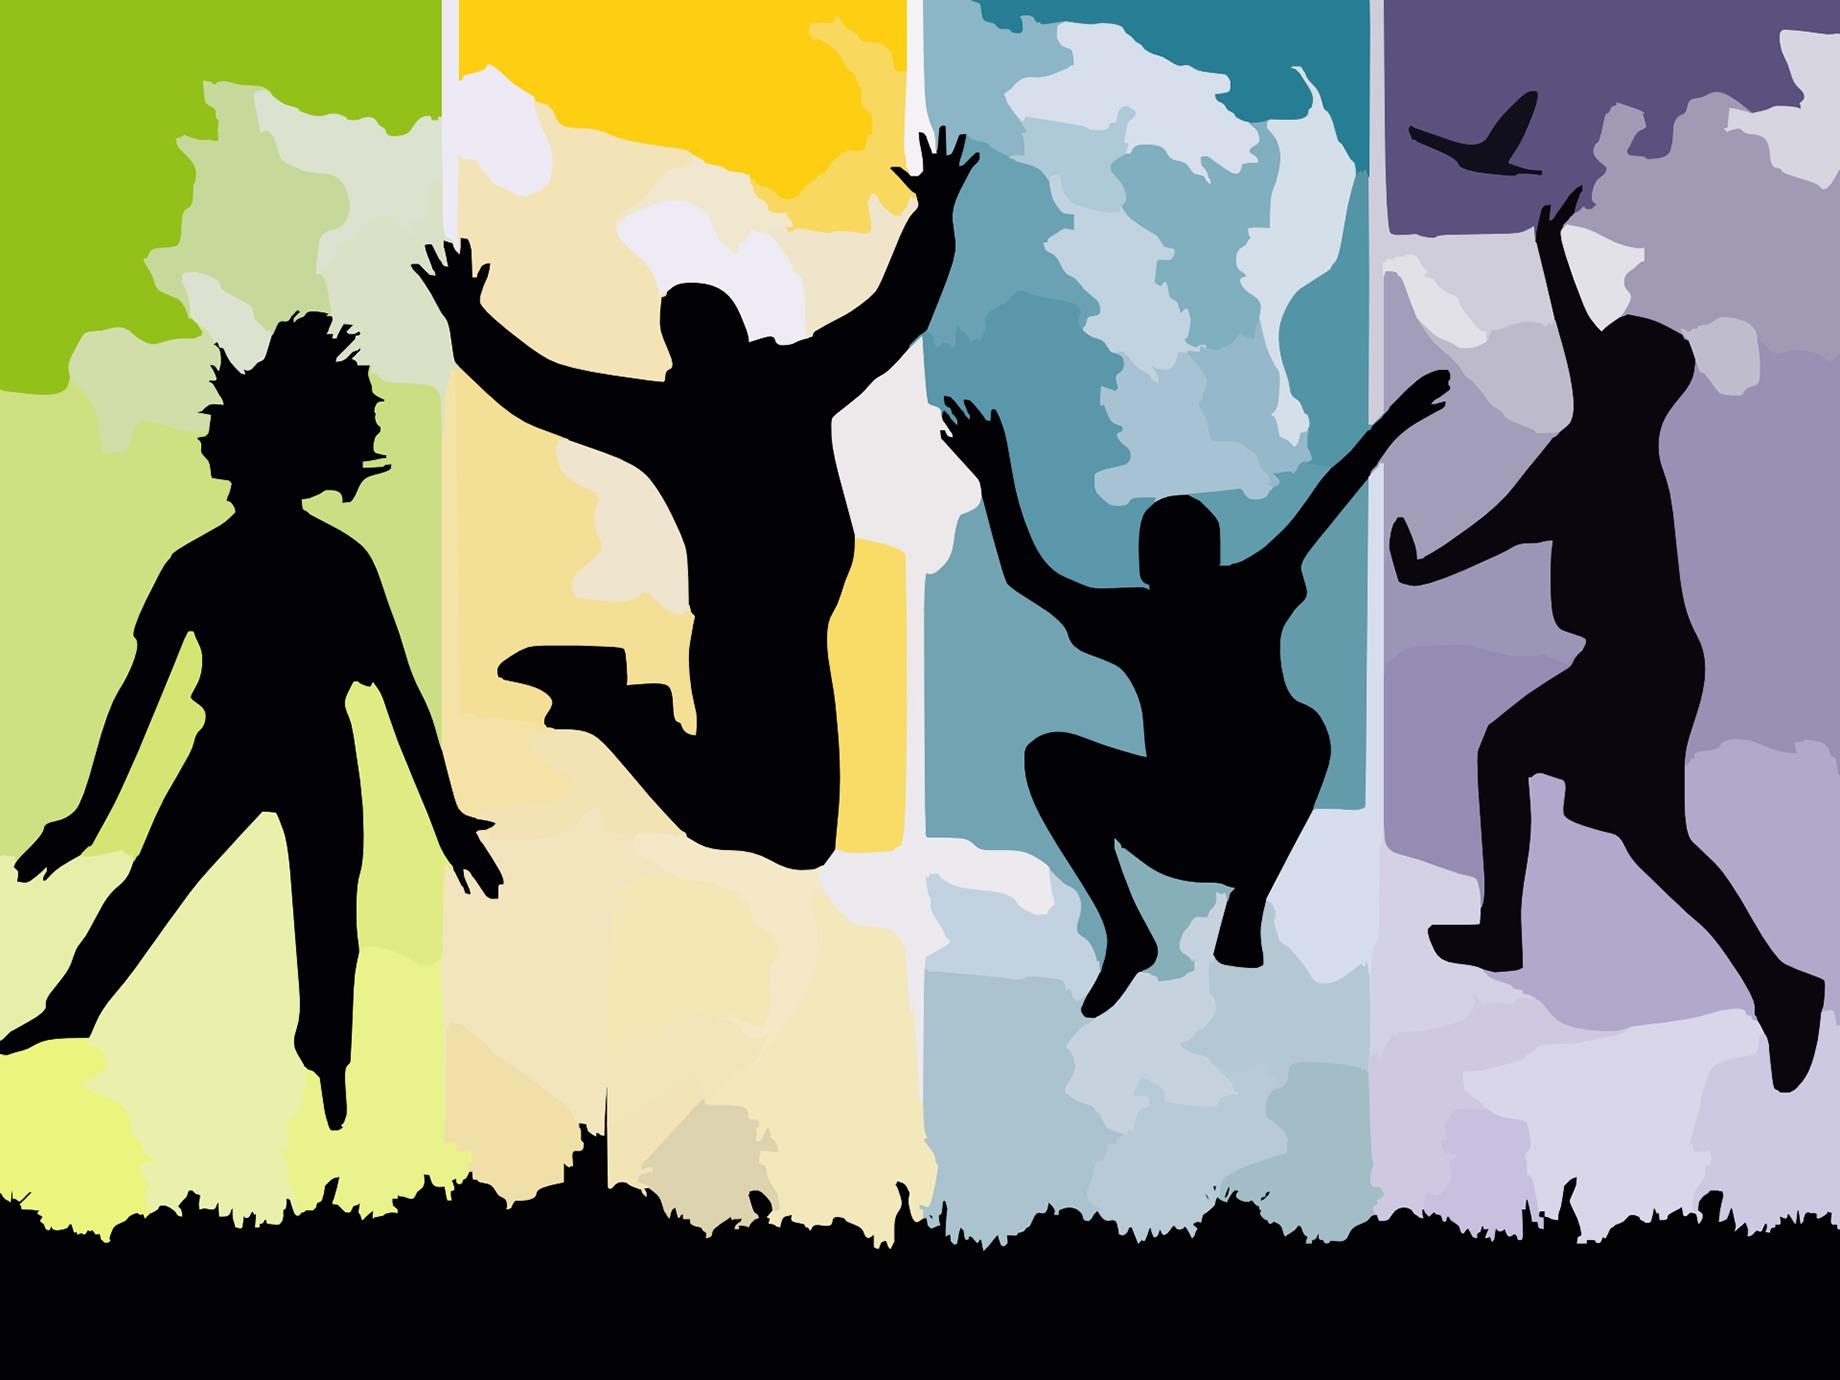 網路,是年輕人實踐自我的舞台》SmartM招募新夥伴:社群編輯(實習生)、活動助理(工讀生)